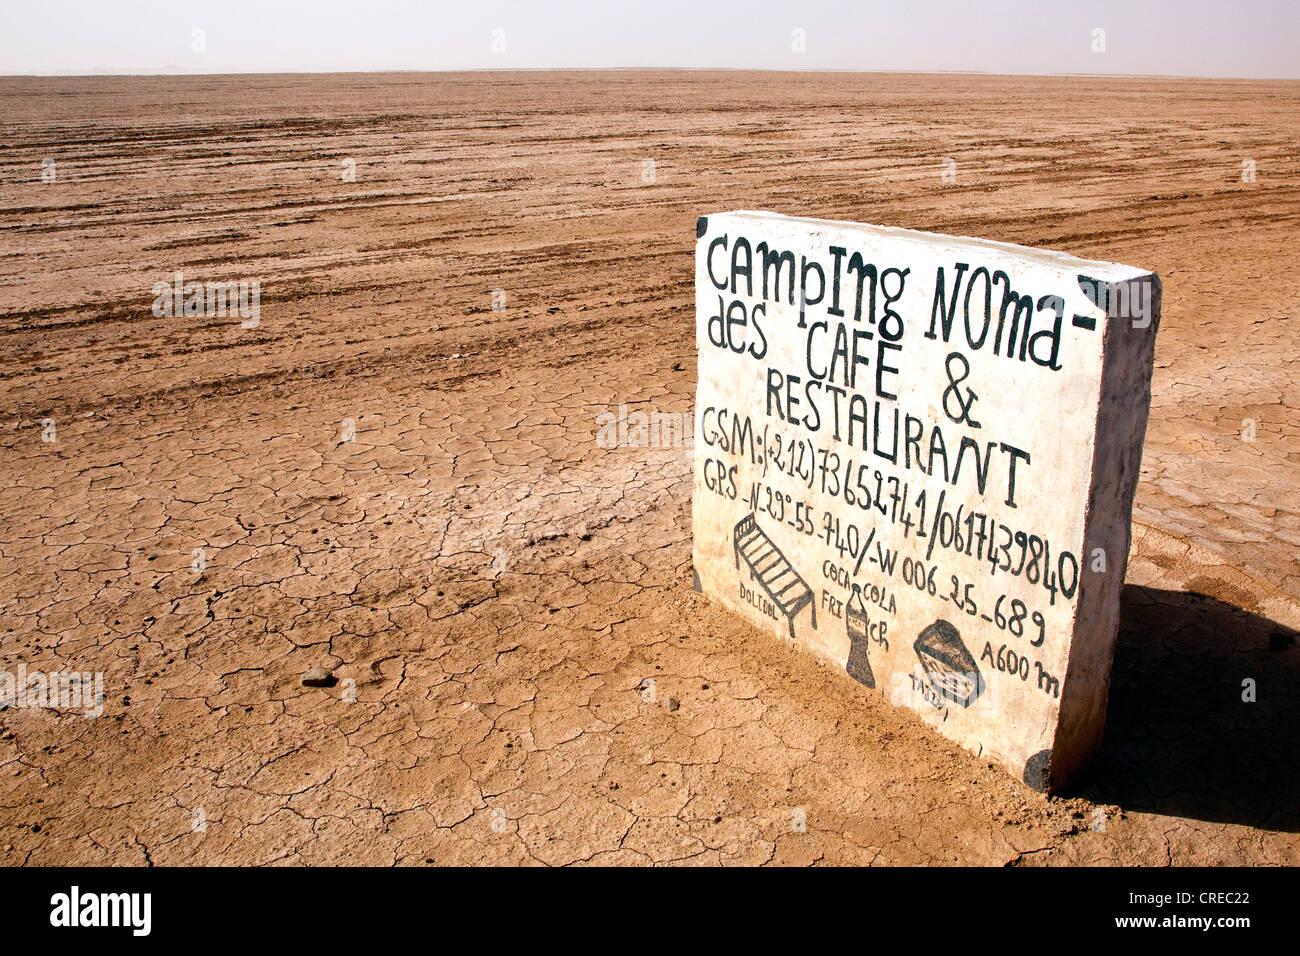 Melden Sie sich für einen Campingplatz am Anfang von der Sahara Wüste nahe Mhamid, Marokko, Afrika Stockbild